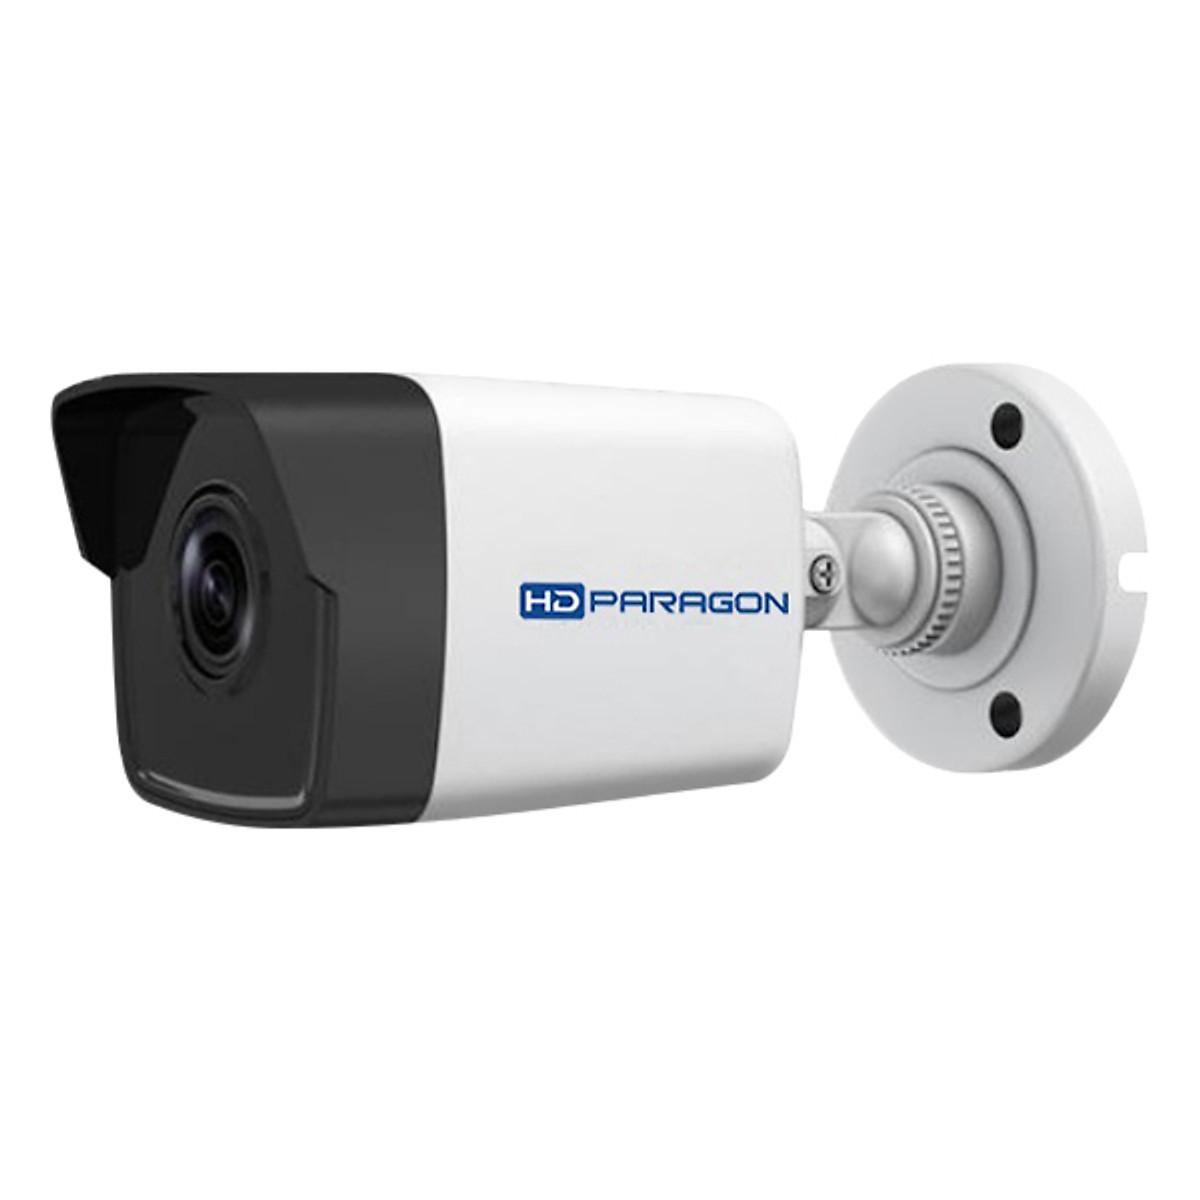 Camera IP HDPARAGON HDS-2043IRP/D 4.0 Megapixel, IR 30m, F4mm, PoE - Hàng Nhập Khẩu